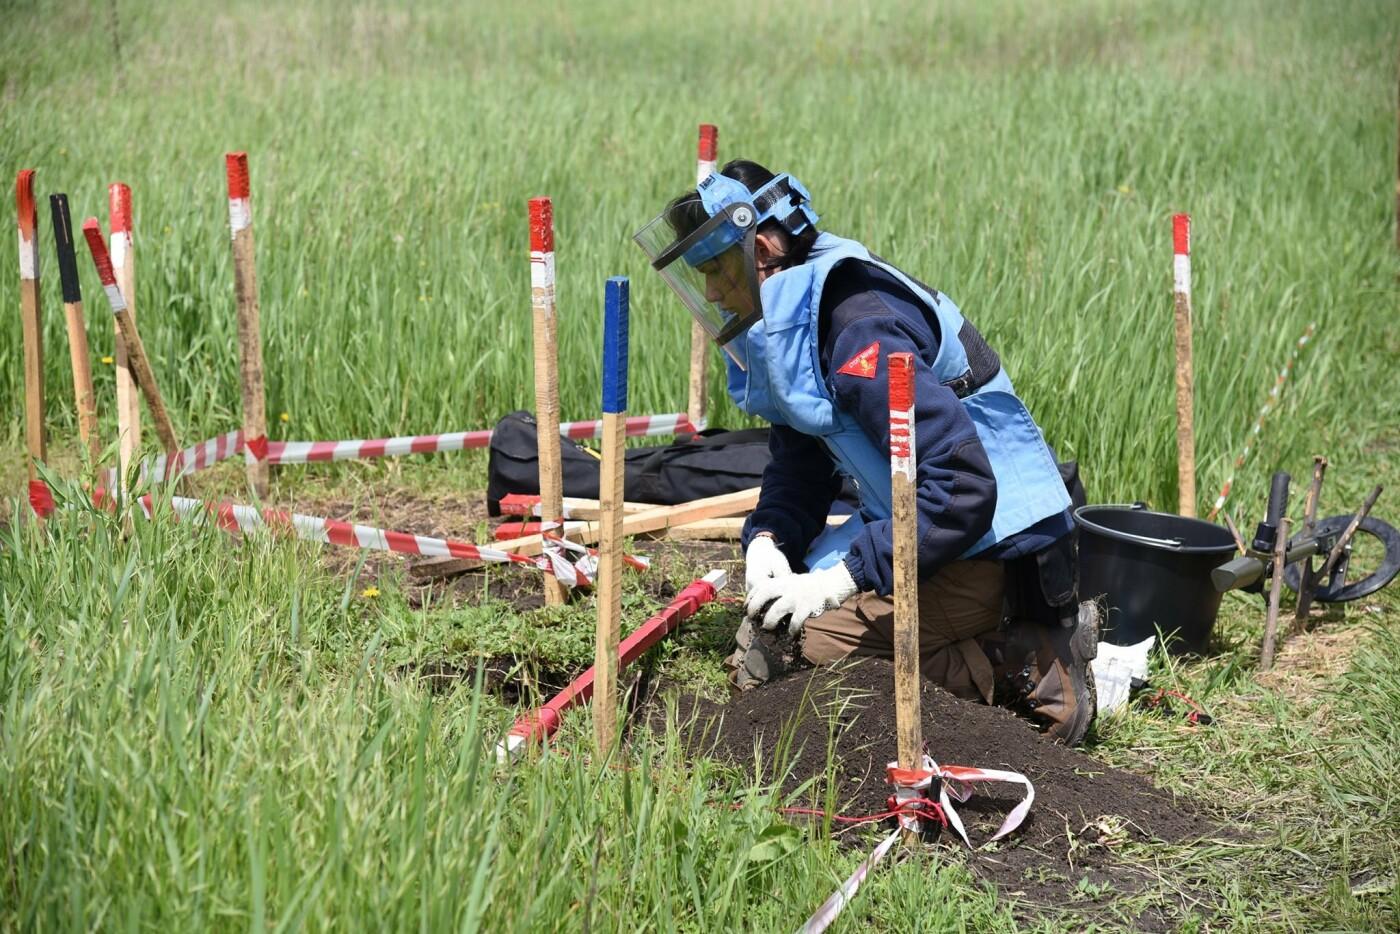 У Кам'янці сертифікували організацію, що займається протимінною діяльністю, фото-5, Фото: пресслужба Військової частини А2641